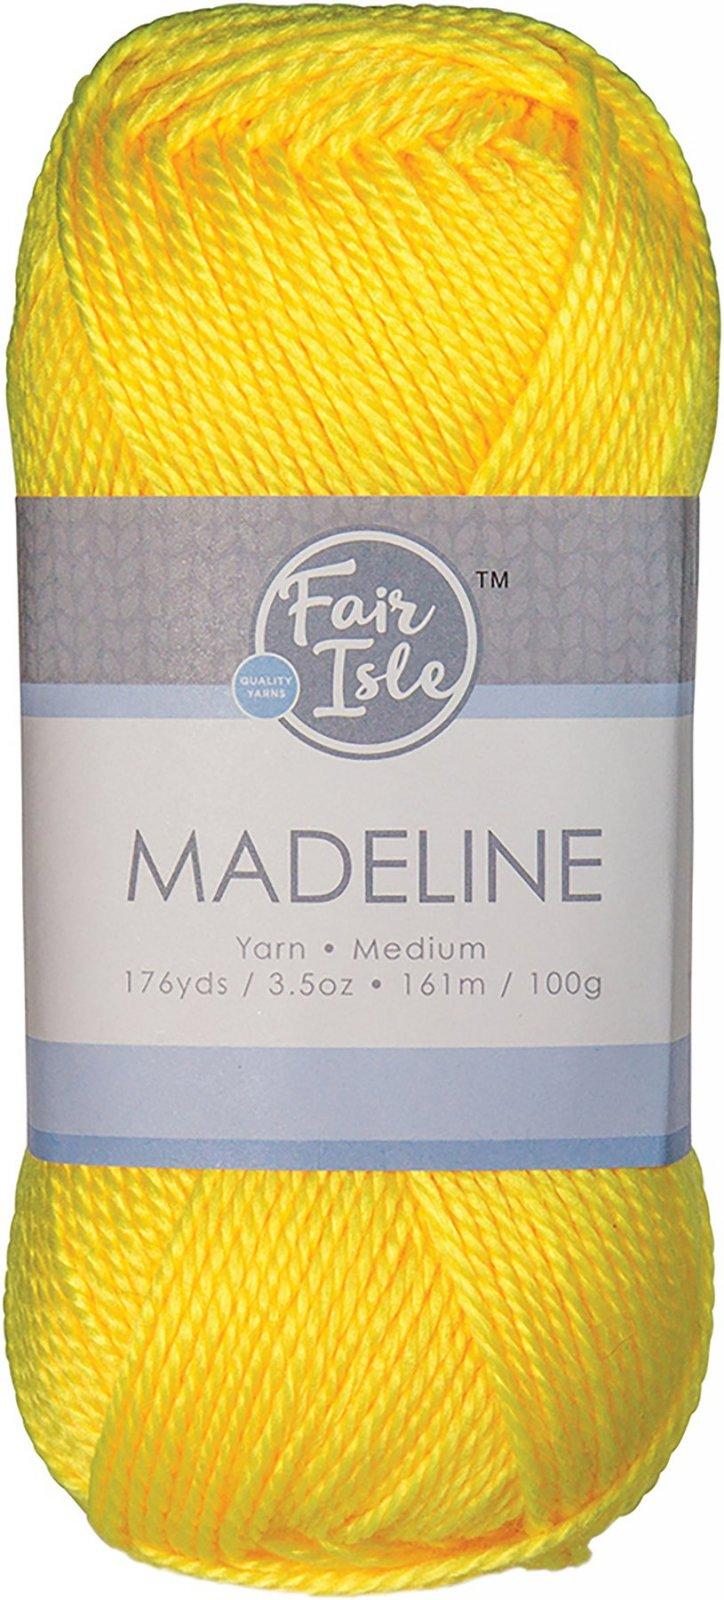 Fair Isle - Madeline - Lemon Pucker